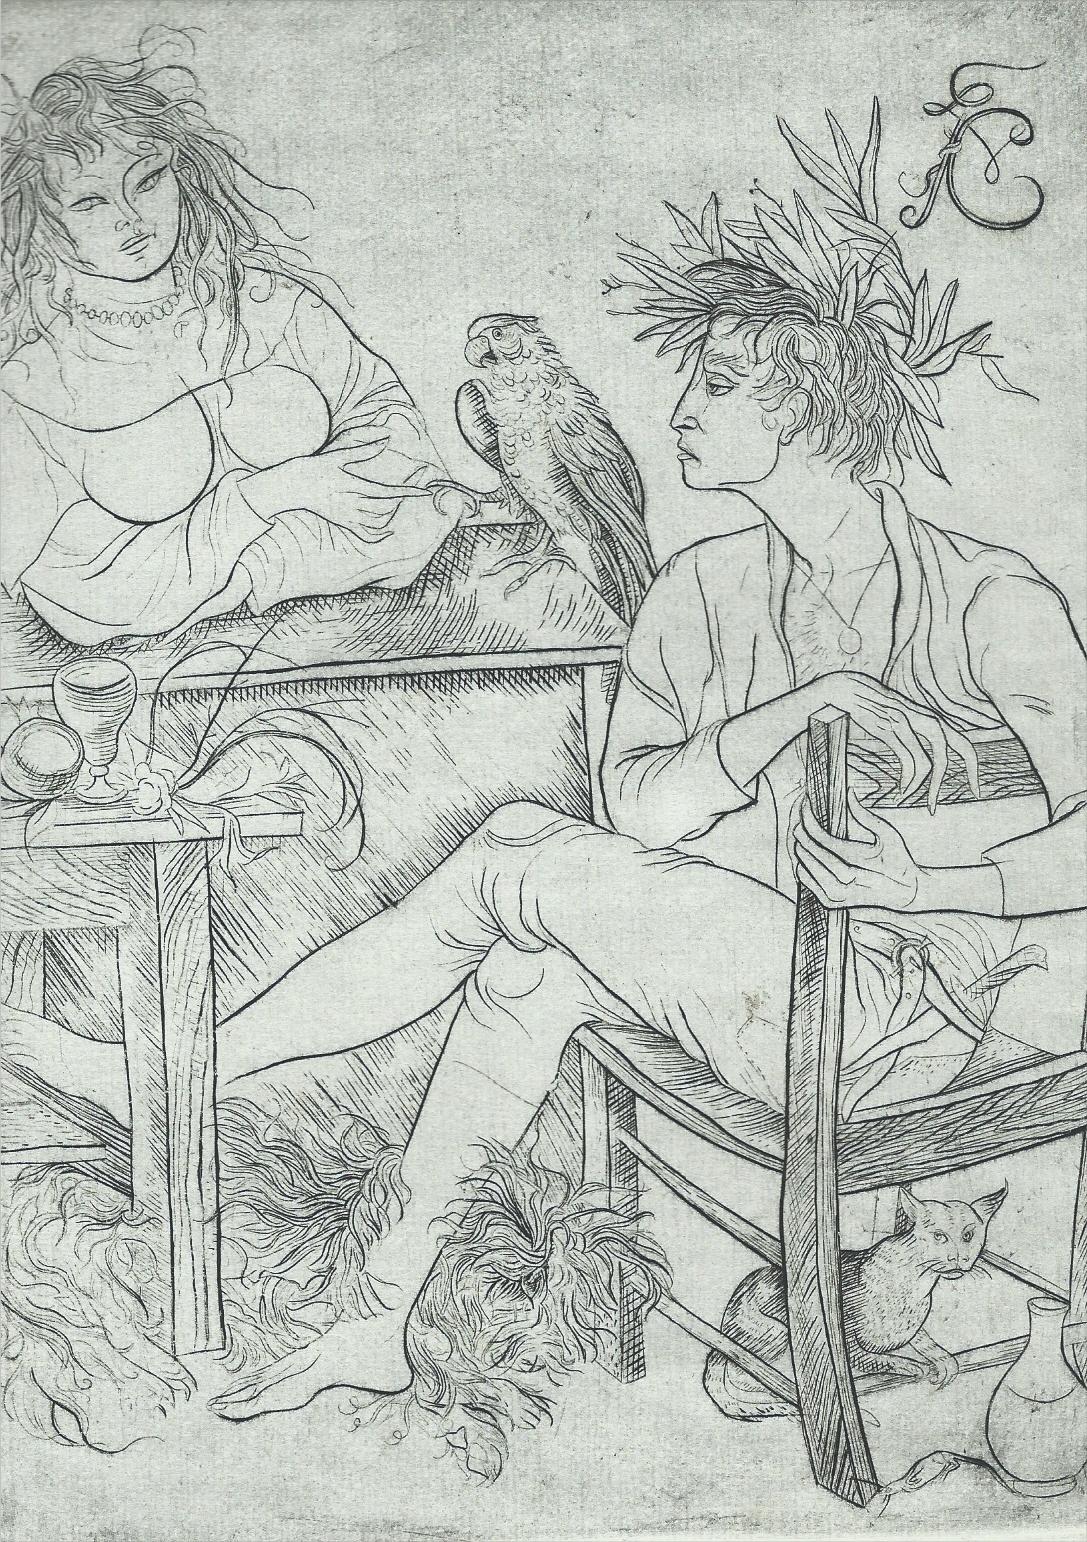 Grabado de Villon por Federico Cantú